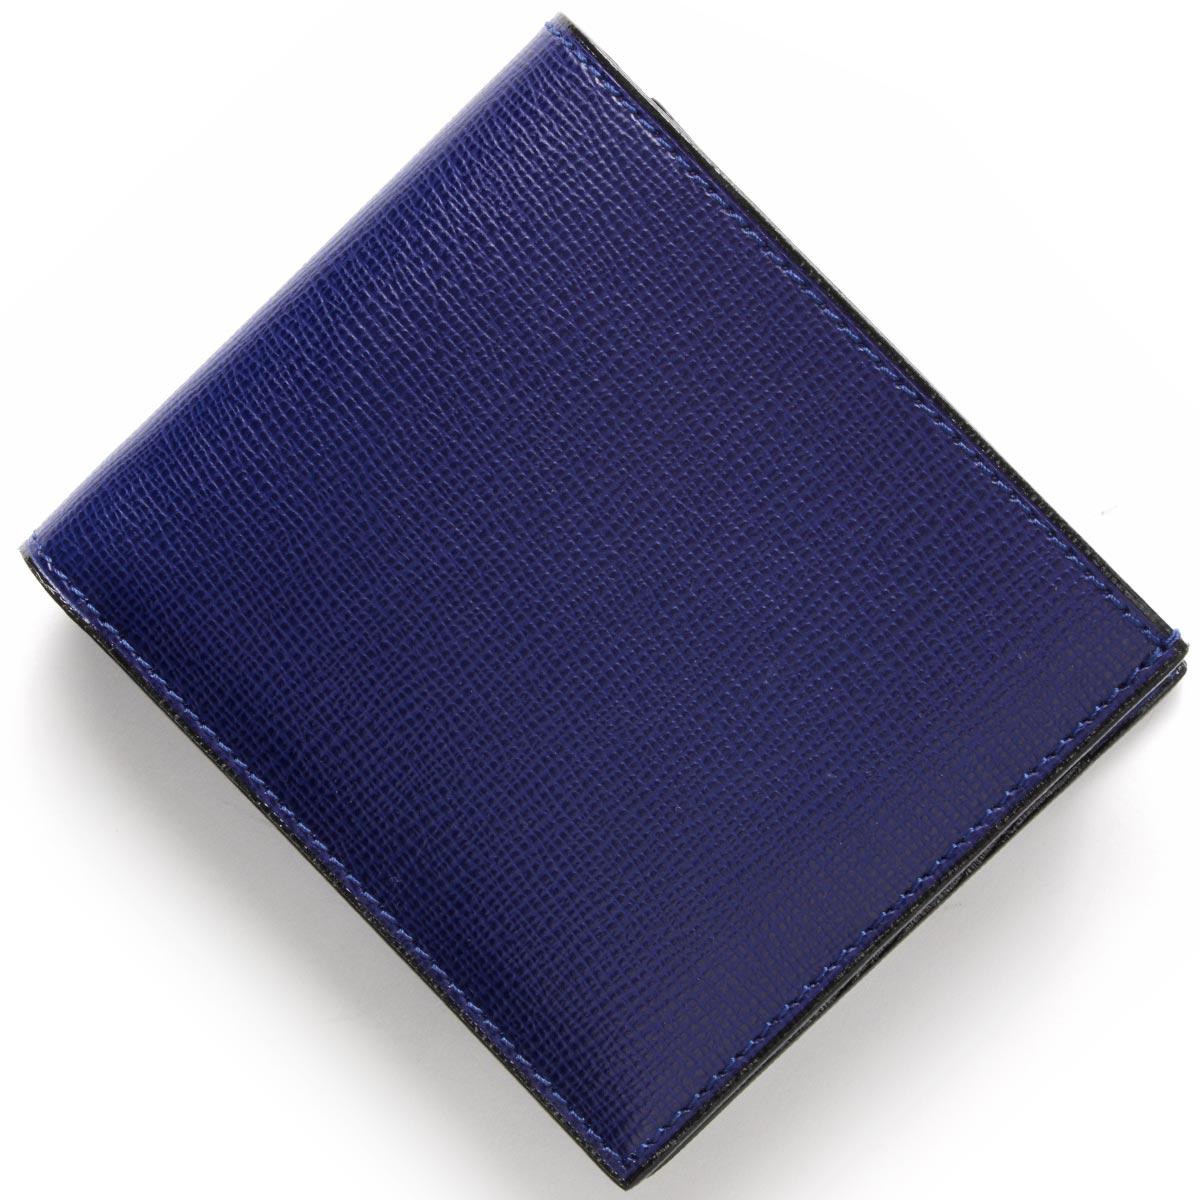 ヴァレクストラ VALEXTRA 二つ折財布 ロイヤルブルー V8L23 044 RO メンズ レディース